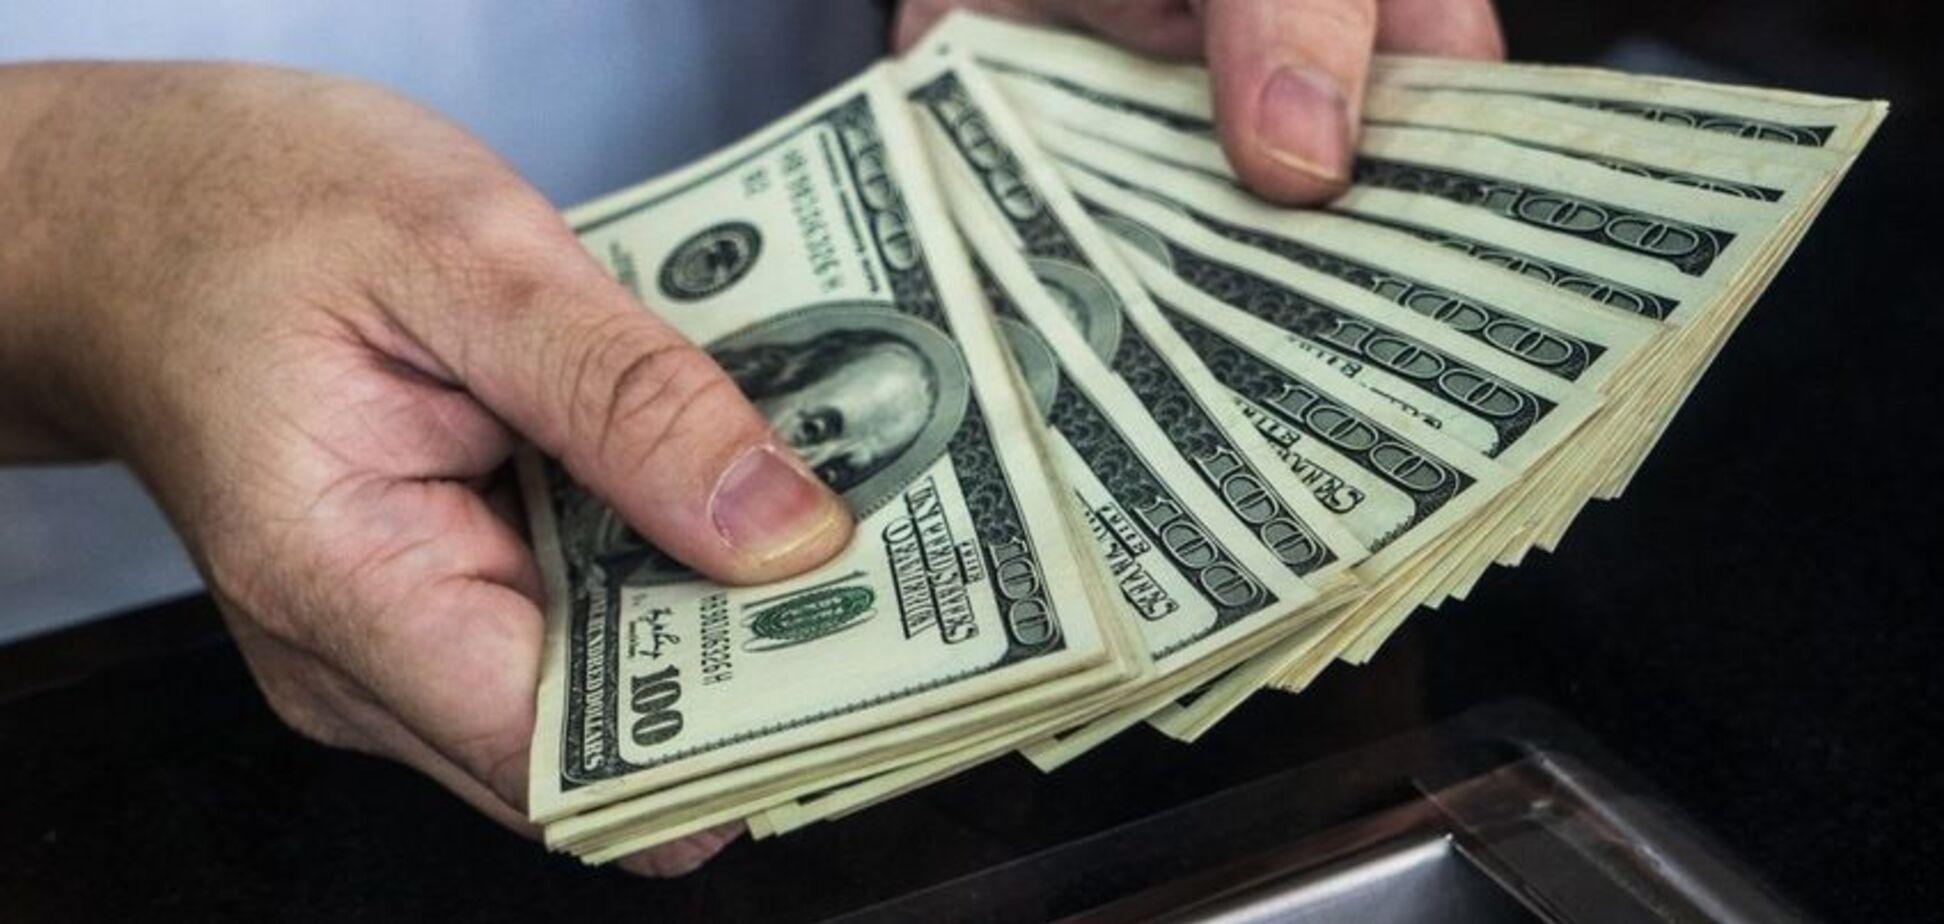 За хабар в $1 млн: затримали колишніх керівників 'Укргазвидобування'